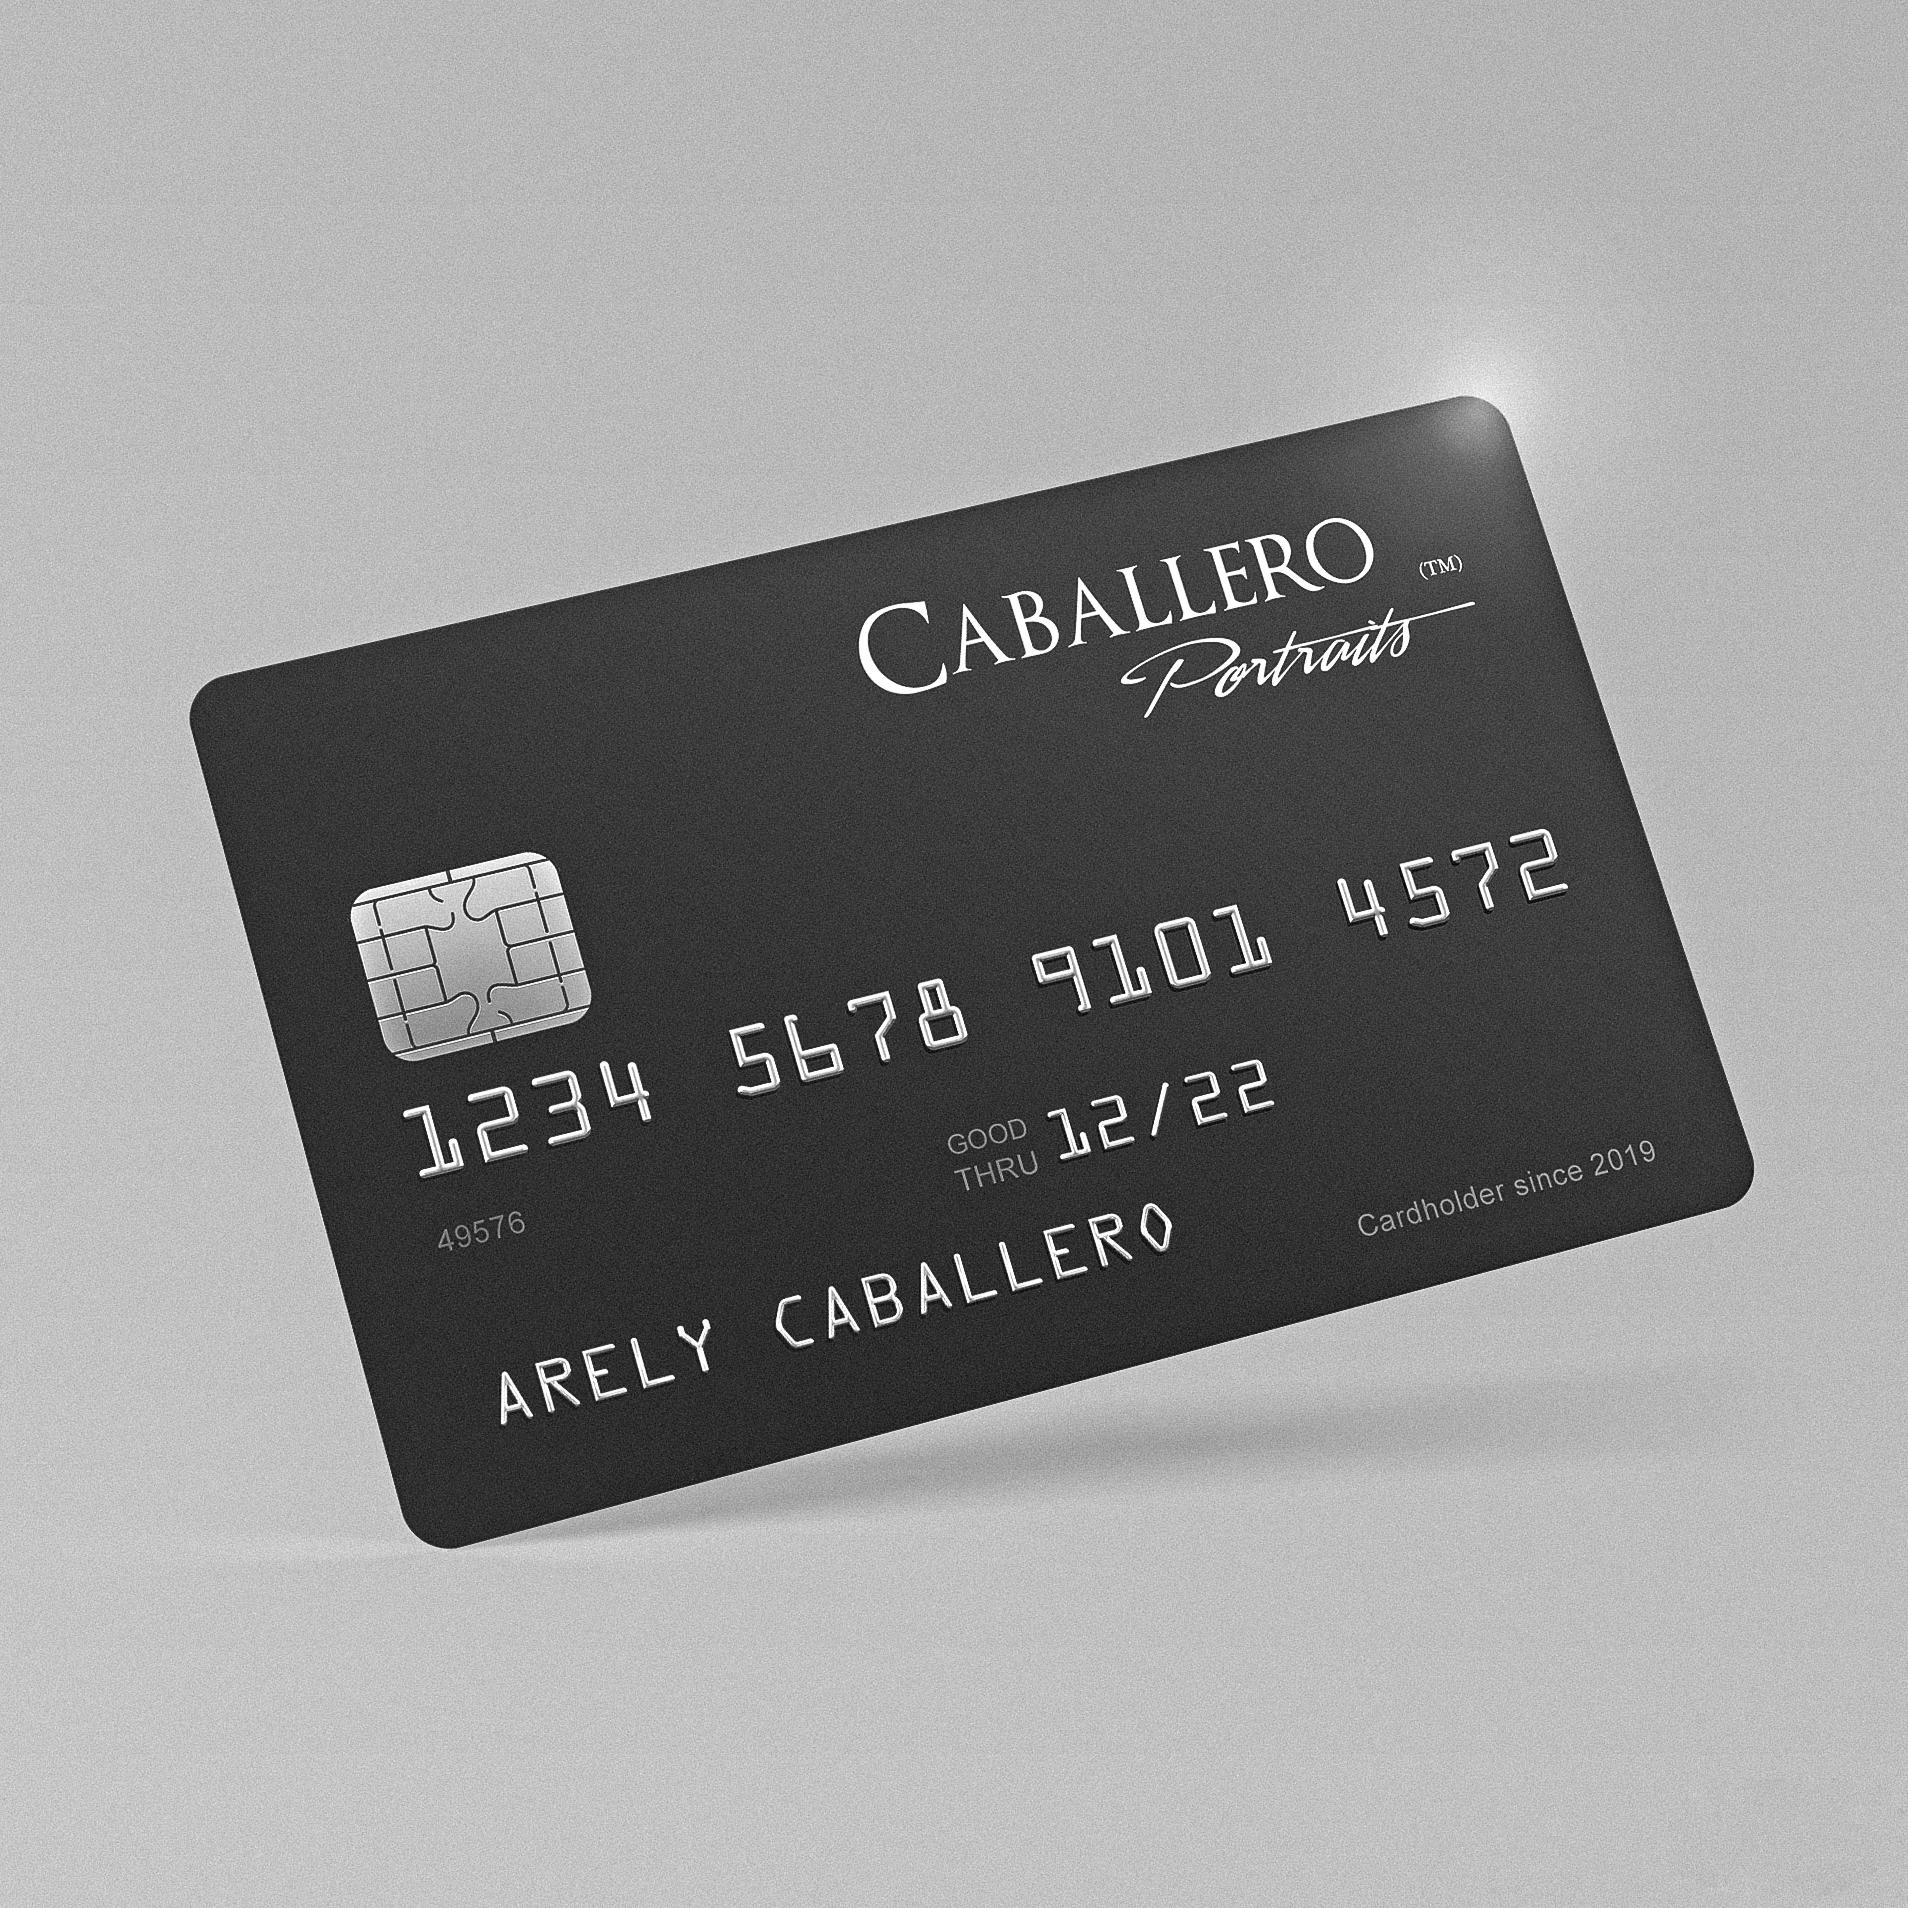 Tarjeta de Crédito de Caballero Portraits™